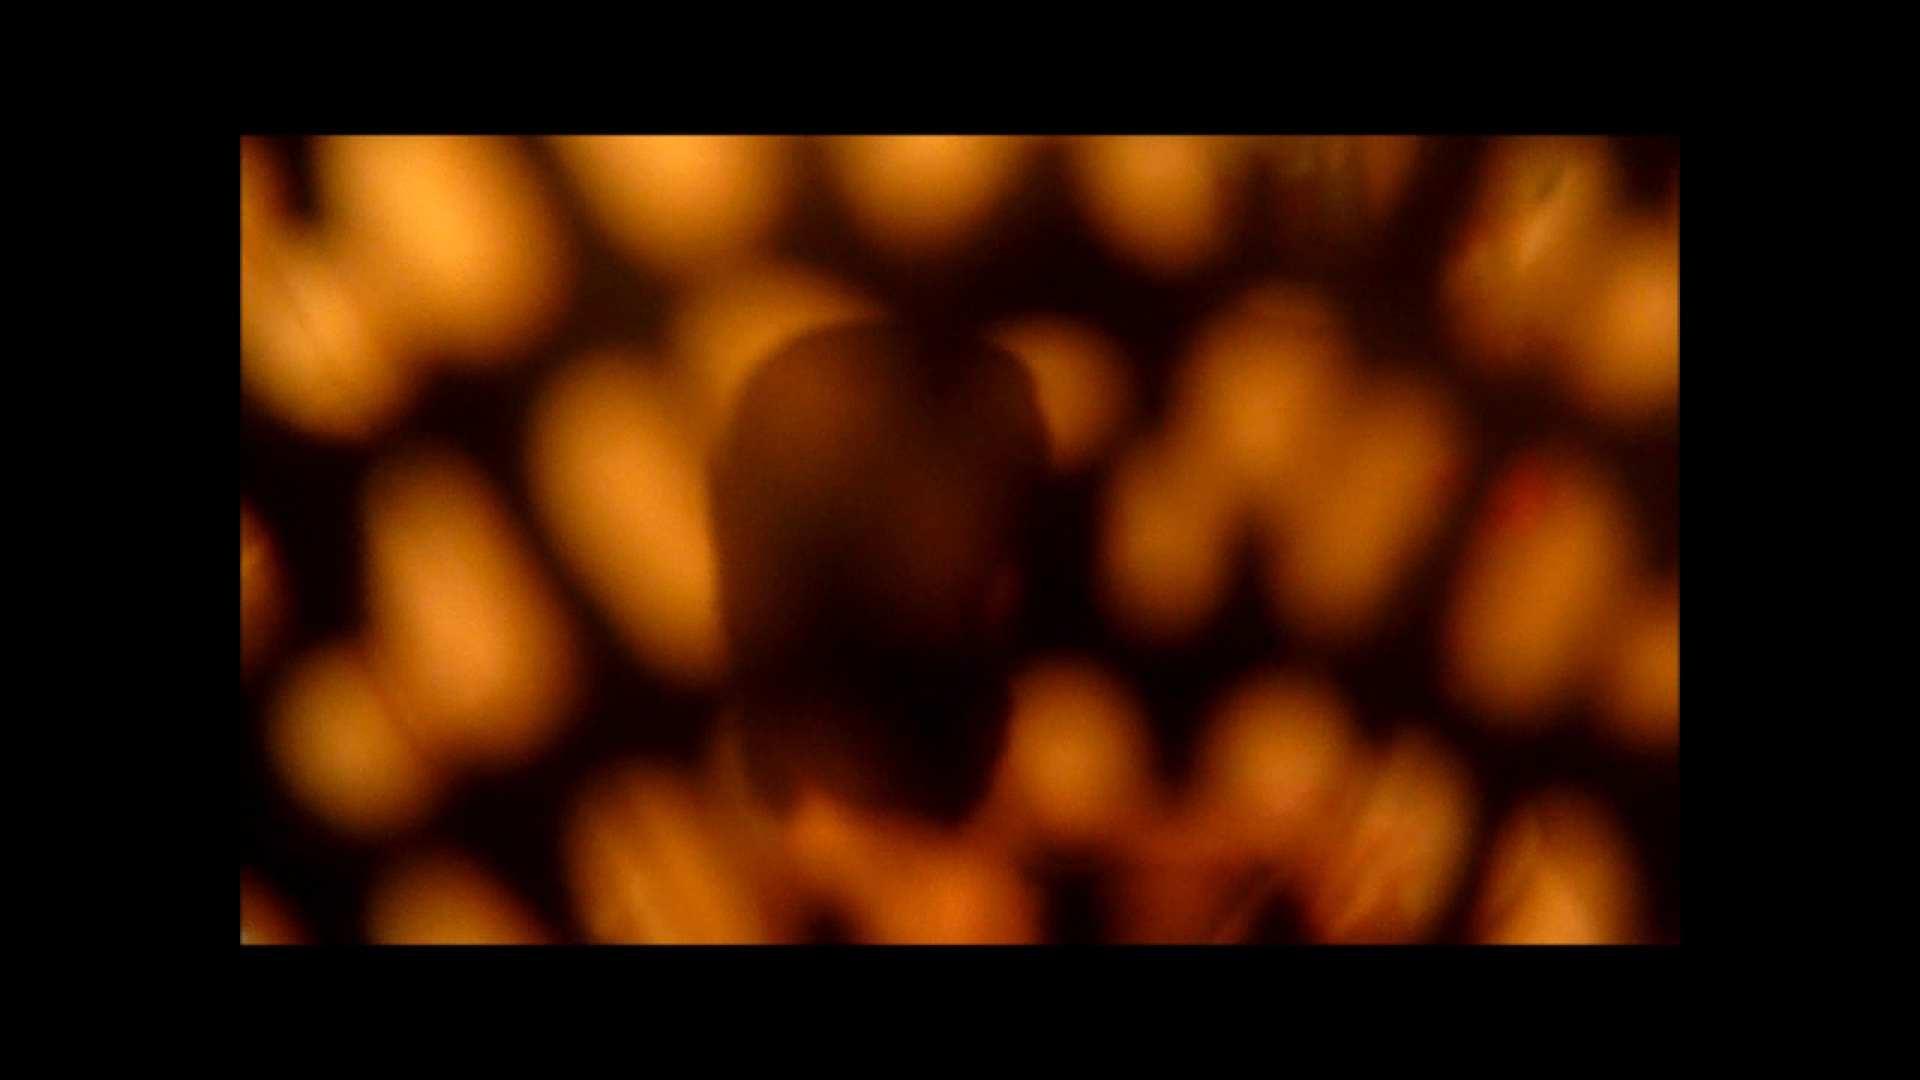 【02】ベランダに侵入して張り込みを始めて・・・やっと結果が出ました。 モロだしオマンコ  79pic 50